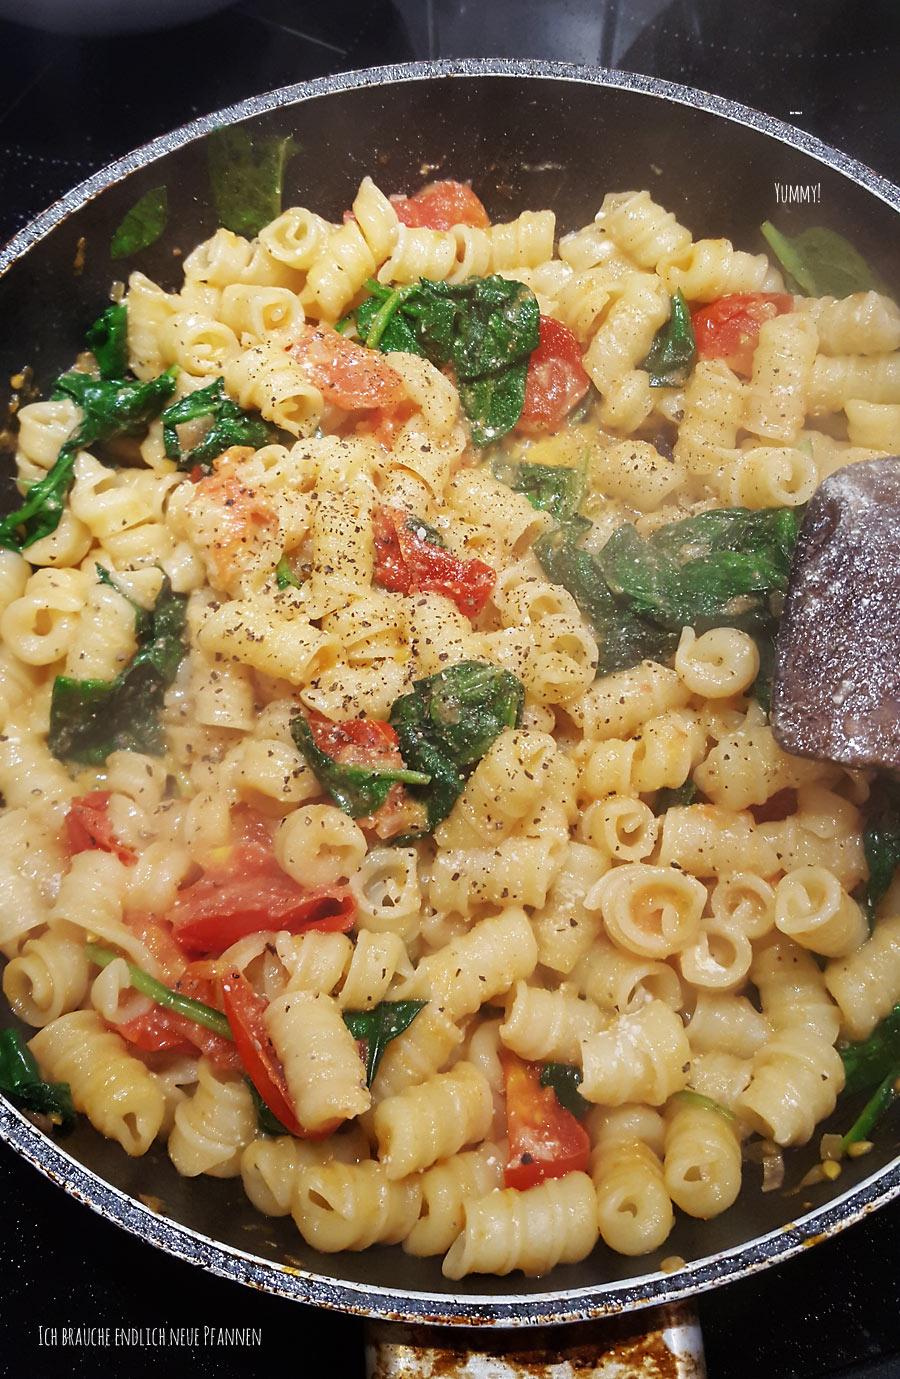 Schnell, einfach & frisch: Nudeln mit frischem Spinat und Tomaten